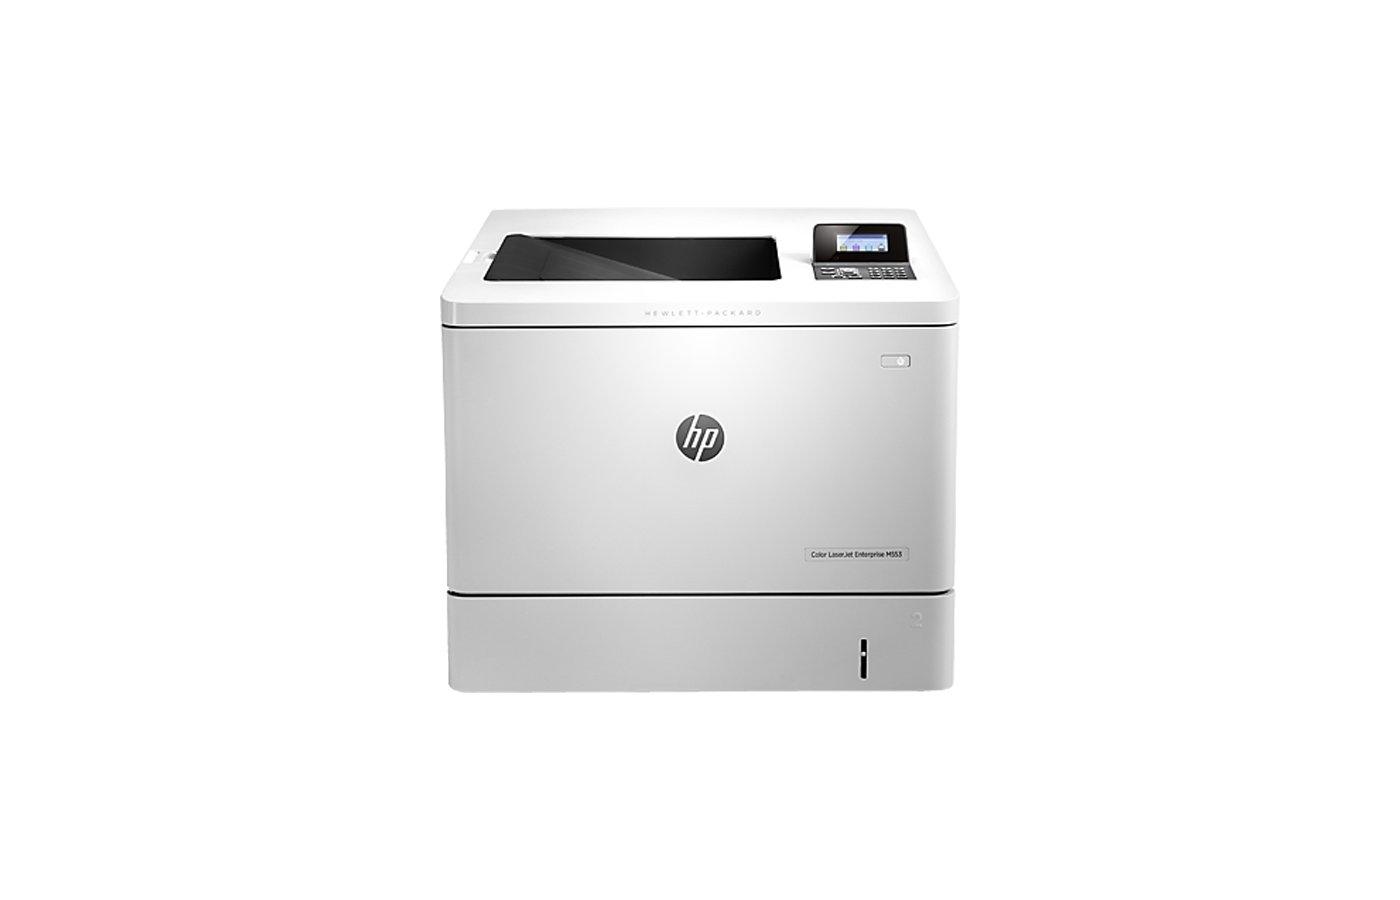 Принтер HP Color LaserJet Enterprise 500 color M553dn /B5L25A/